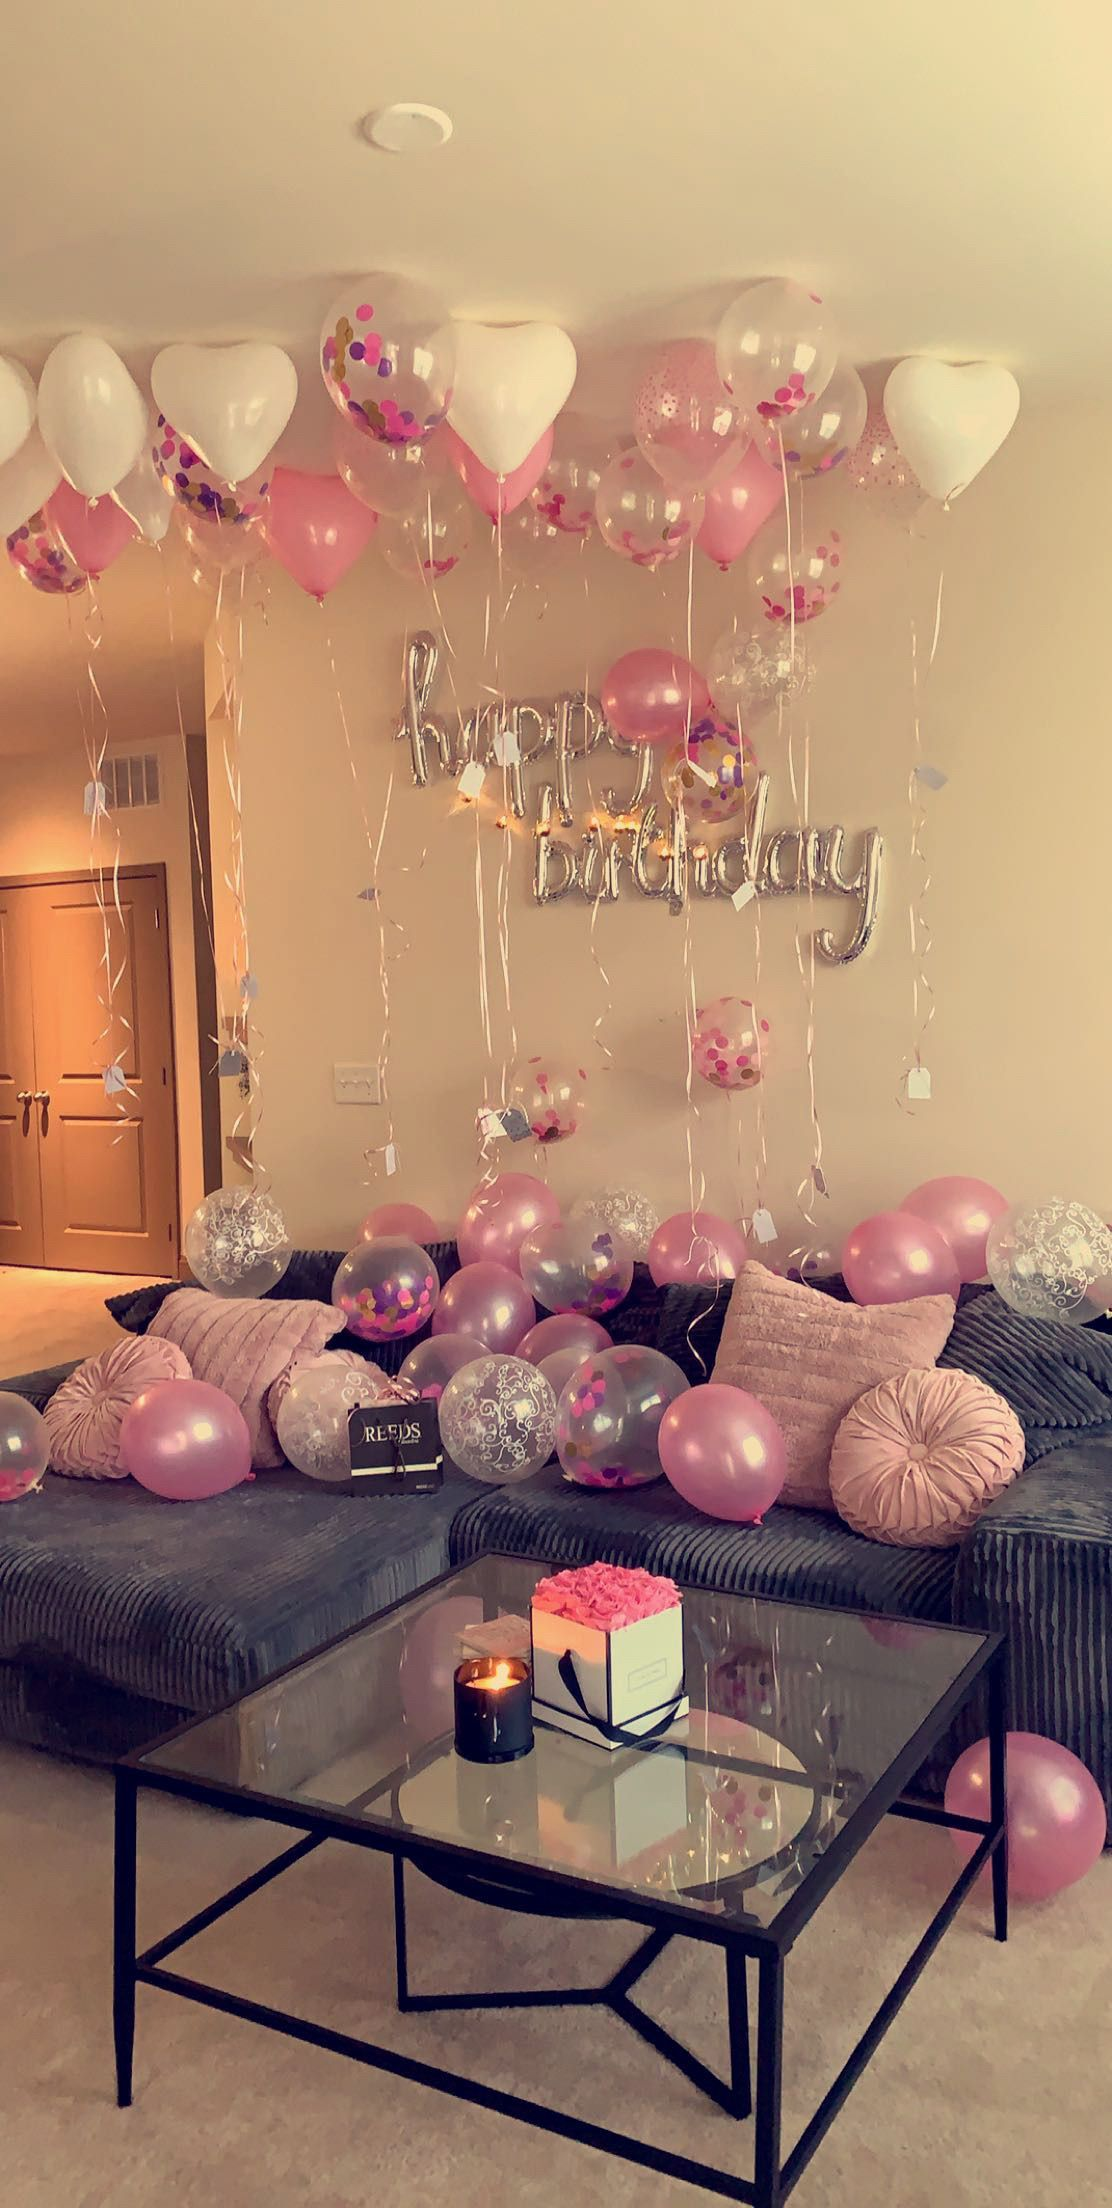 Birthday Balloons Decoration Birthday Balloon Decorations Simple Birthday Decorations Surprise Birthday Decorations